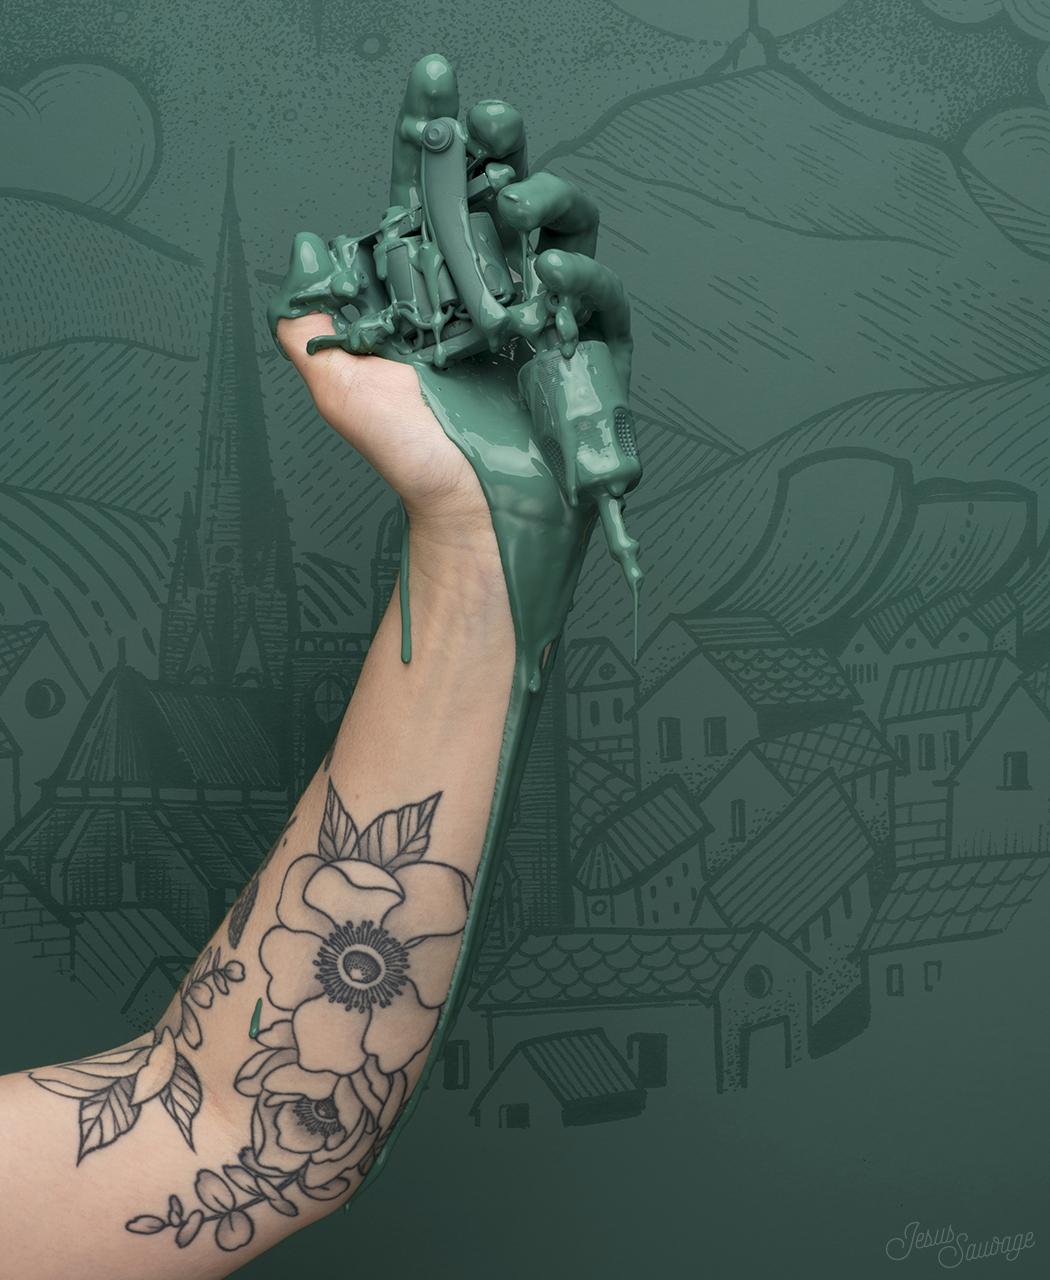 salon du tatouage de clermont ferrand jesus sauvage. Black Bedroom Furniture Sets. Home Design Ideas